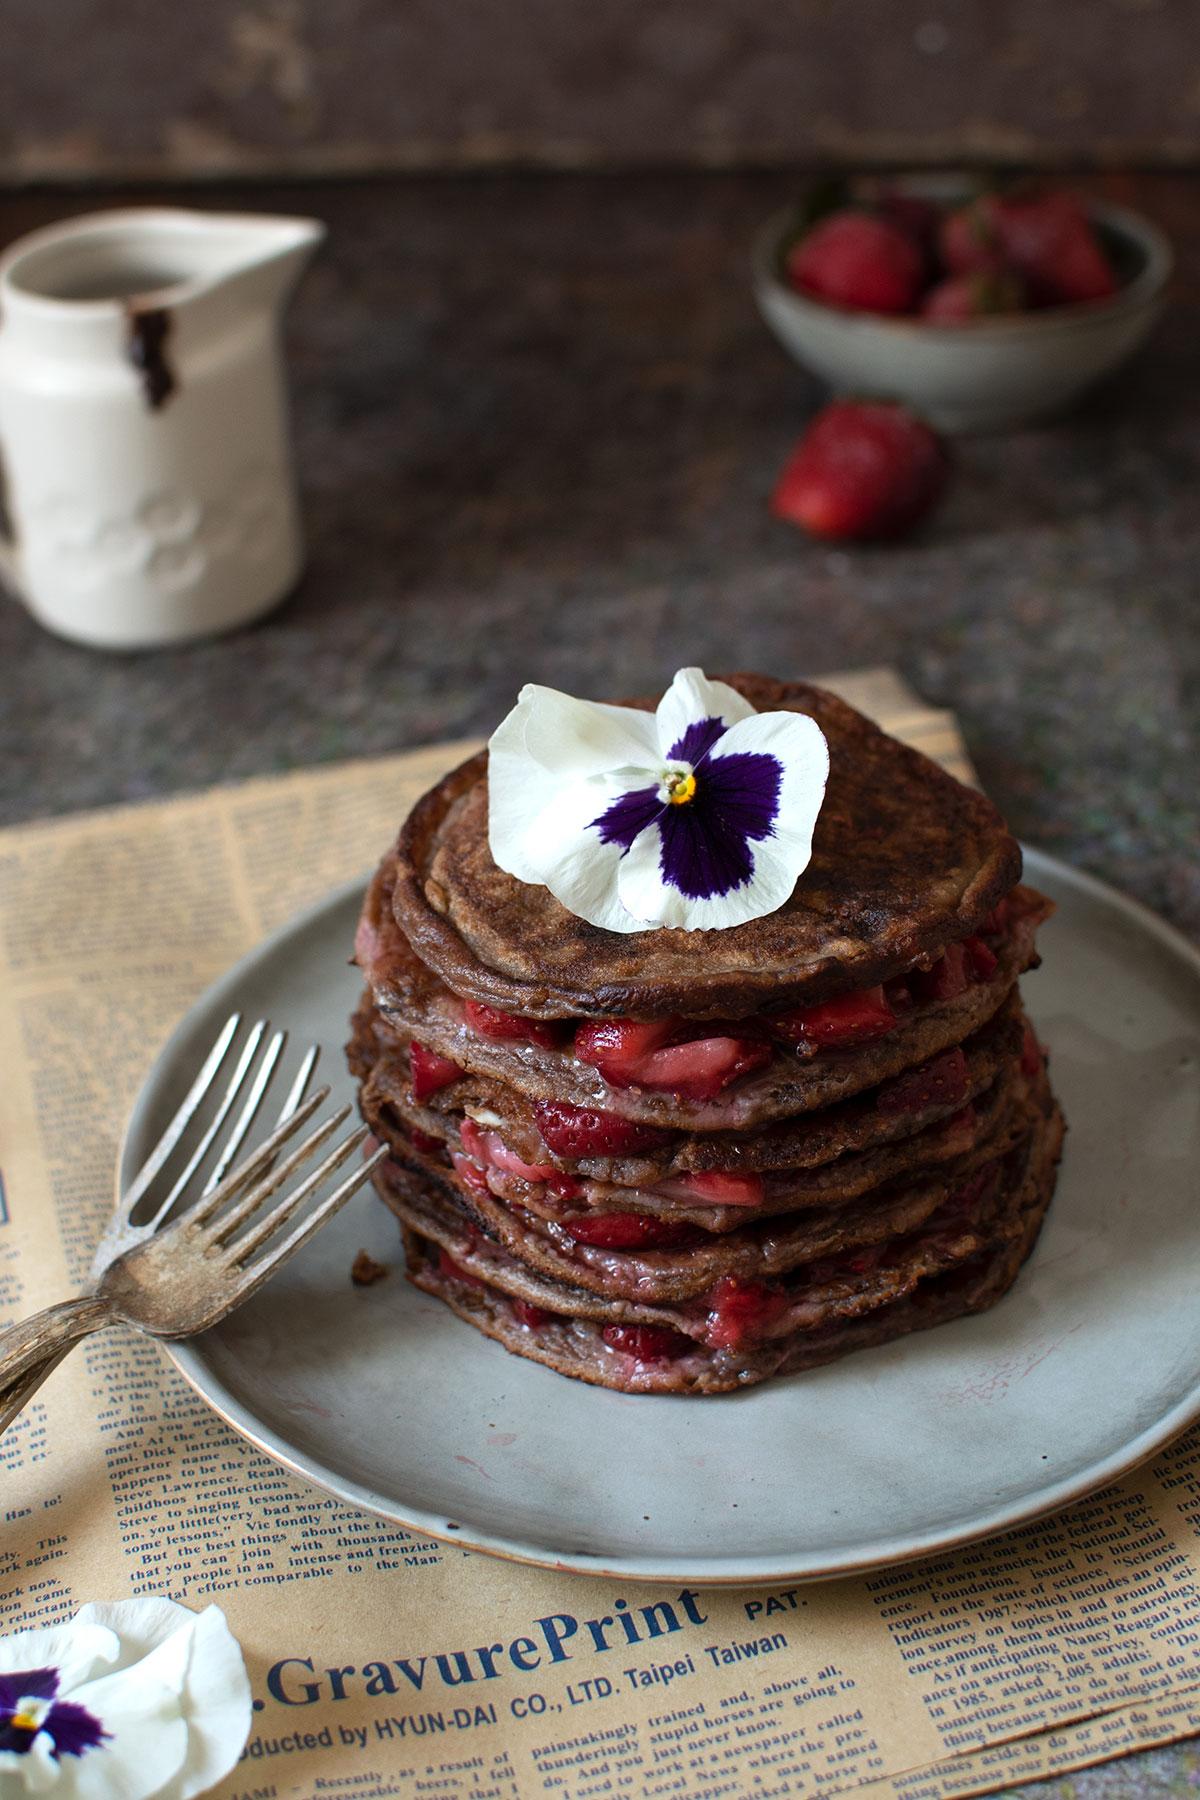 σοκολατένια πανκεικς, σοκολατένια pancakes. με φρούτα